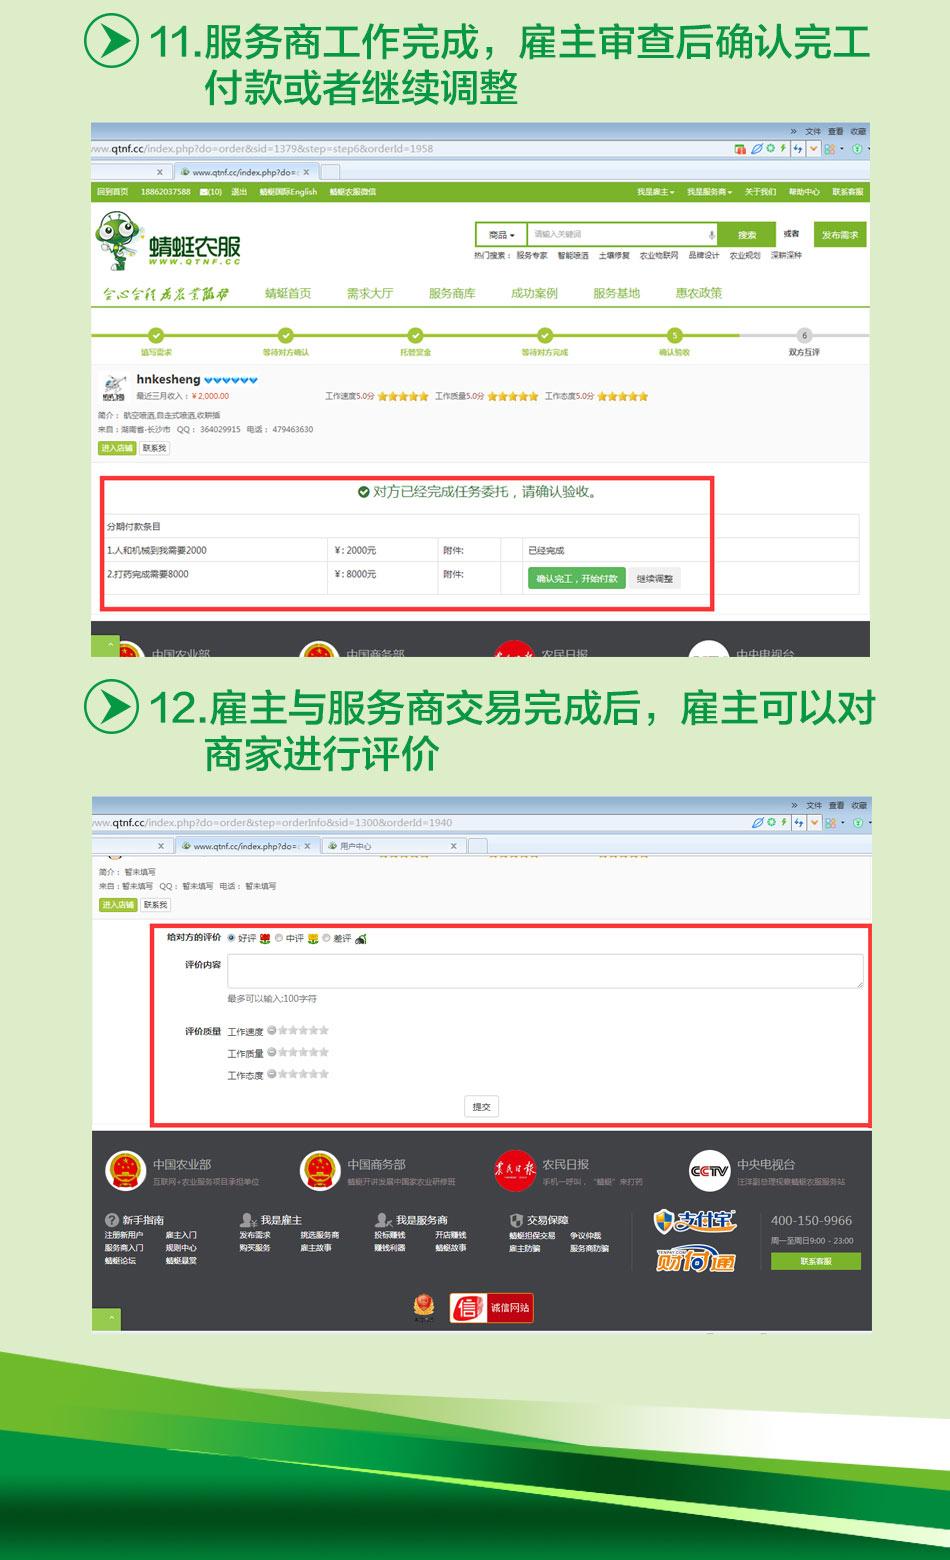 雇主购买服务操作流程5.jpg